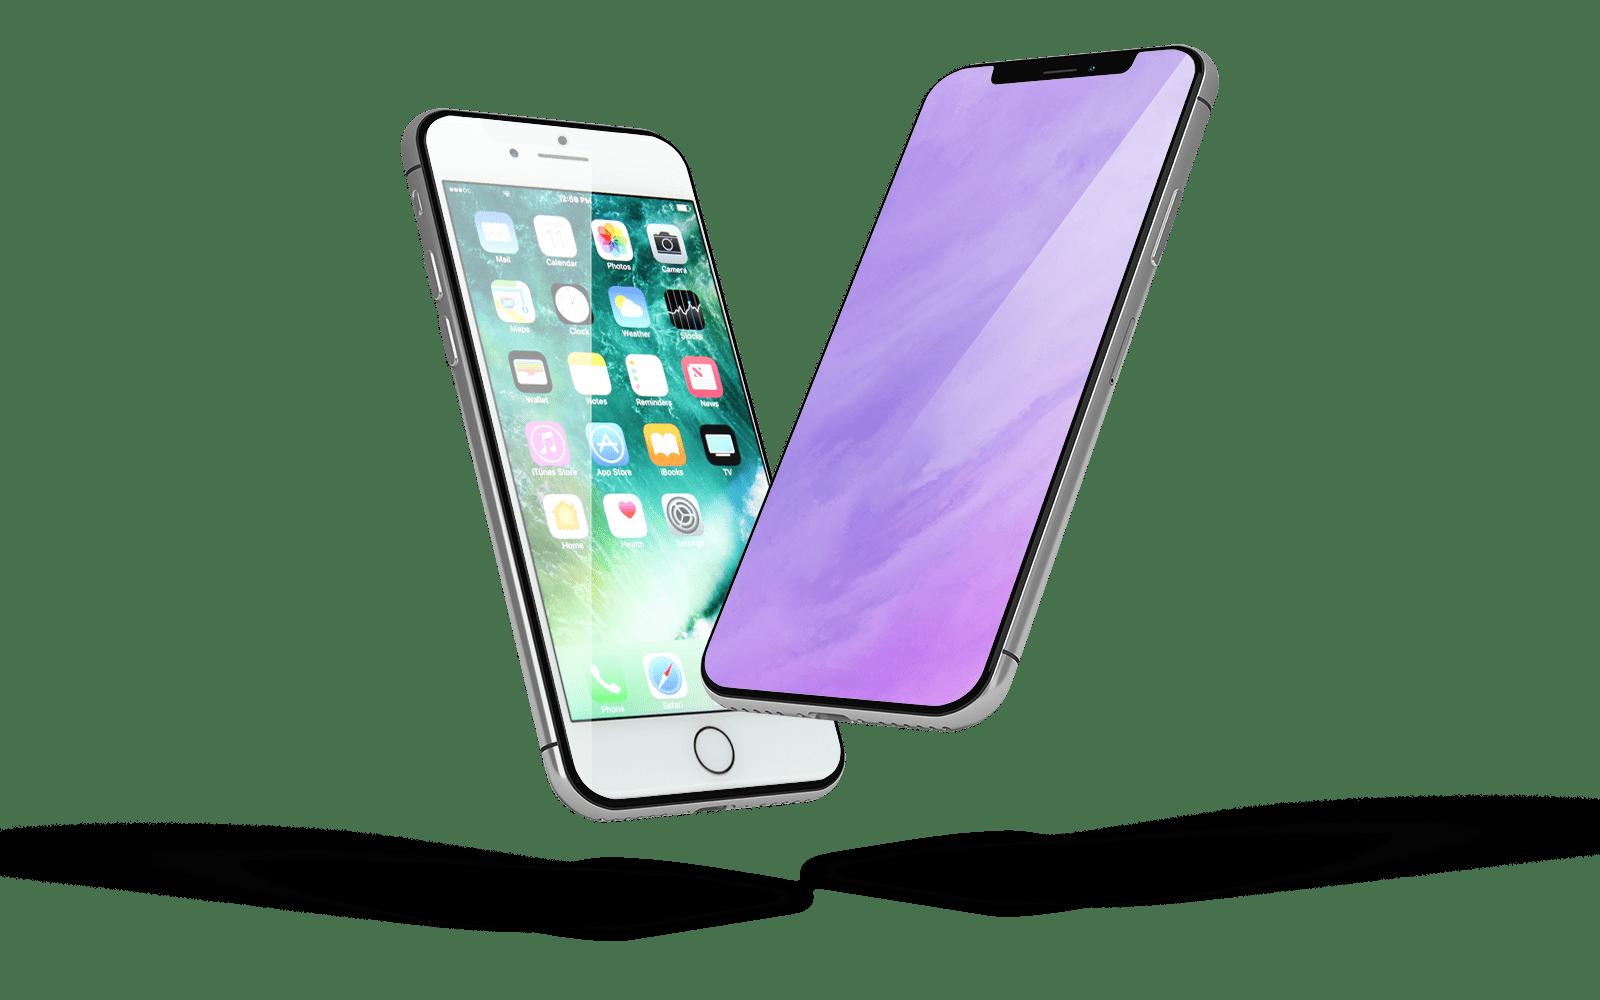 image of iphone models we repair